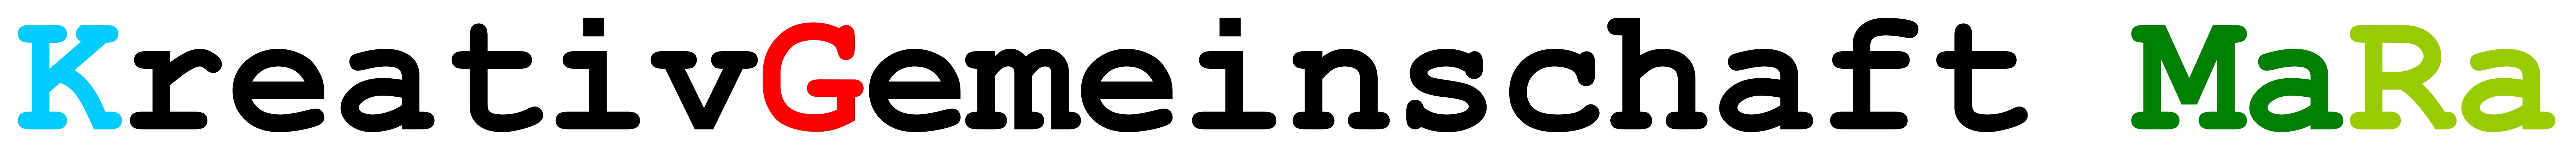 Kreativgemeinschaft MaRa - Logo